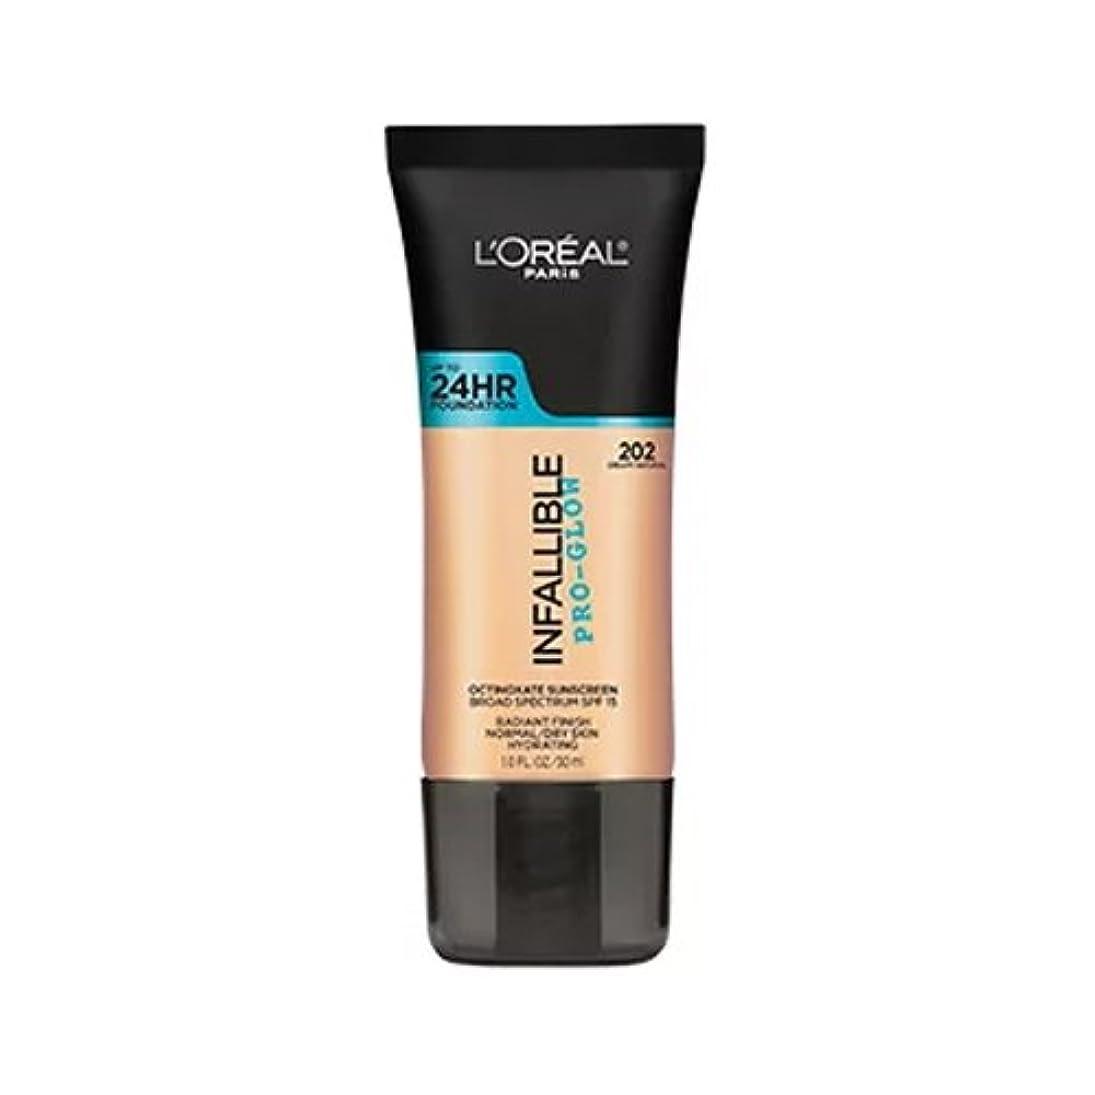 ツイン展示会単調な(6 Pack) L'OREAL Infallible Pro-Glow Foundation - Creamy Natural (並行輸入品)